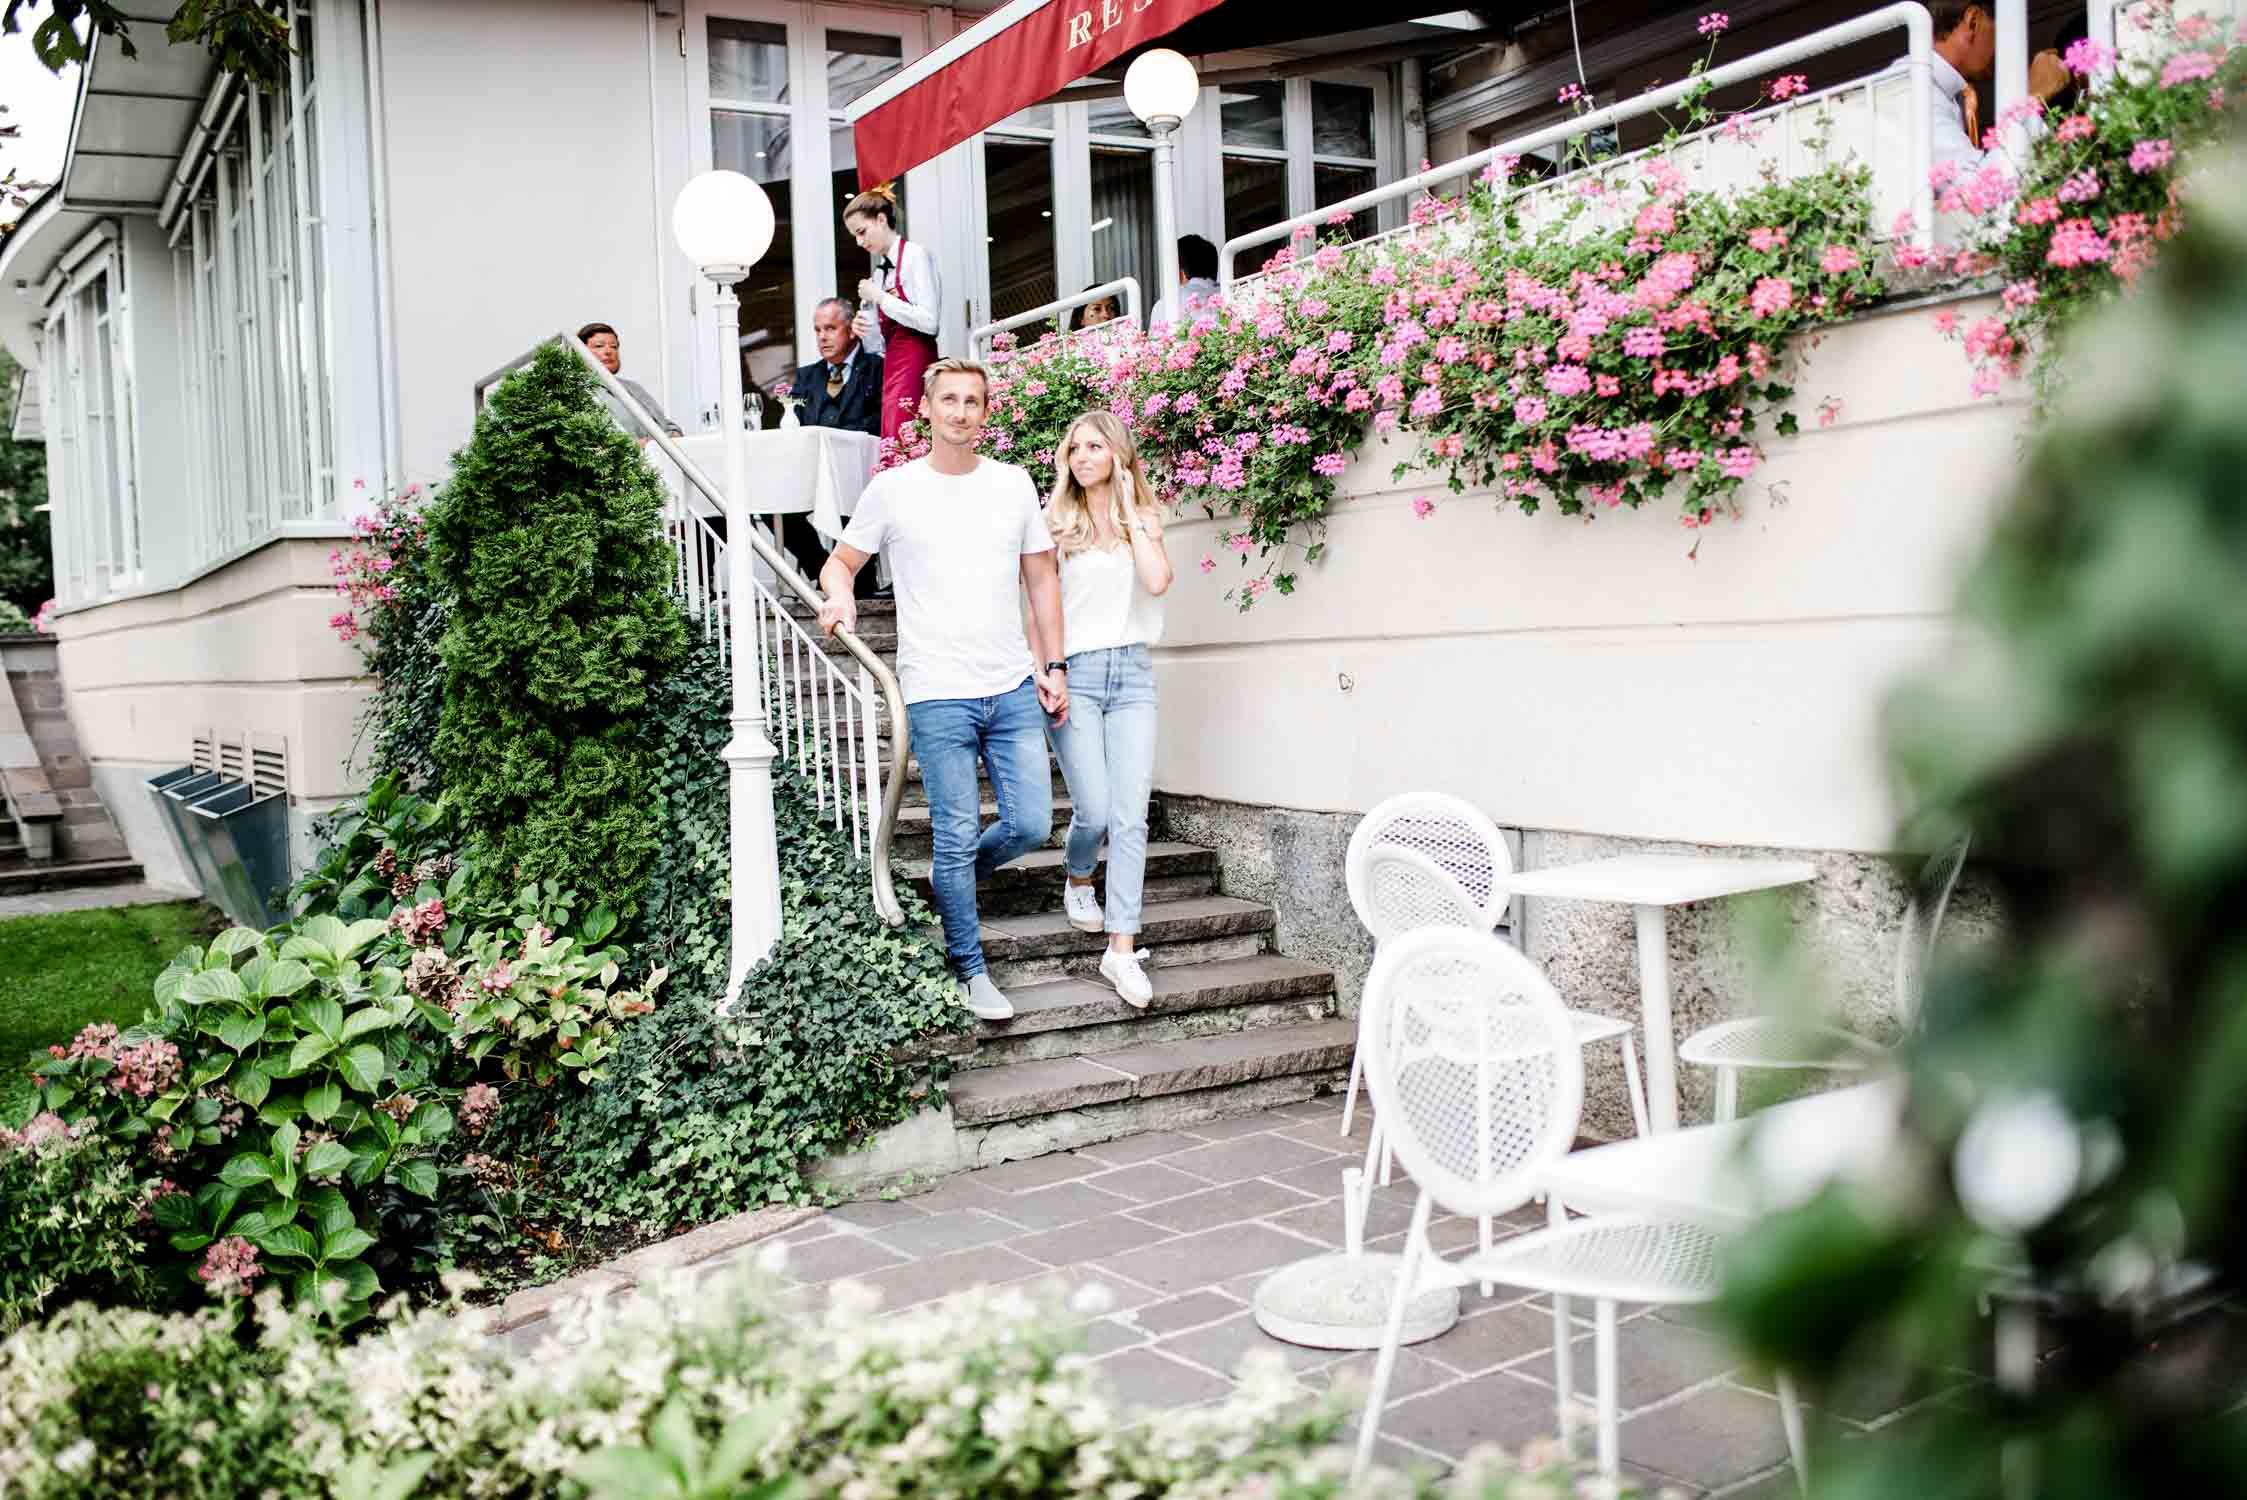 cafe sacher salzburg tipps cafes restaurants plätze sightseeing blogger must see salzburg